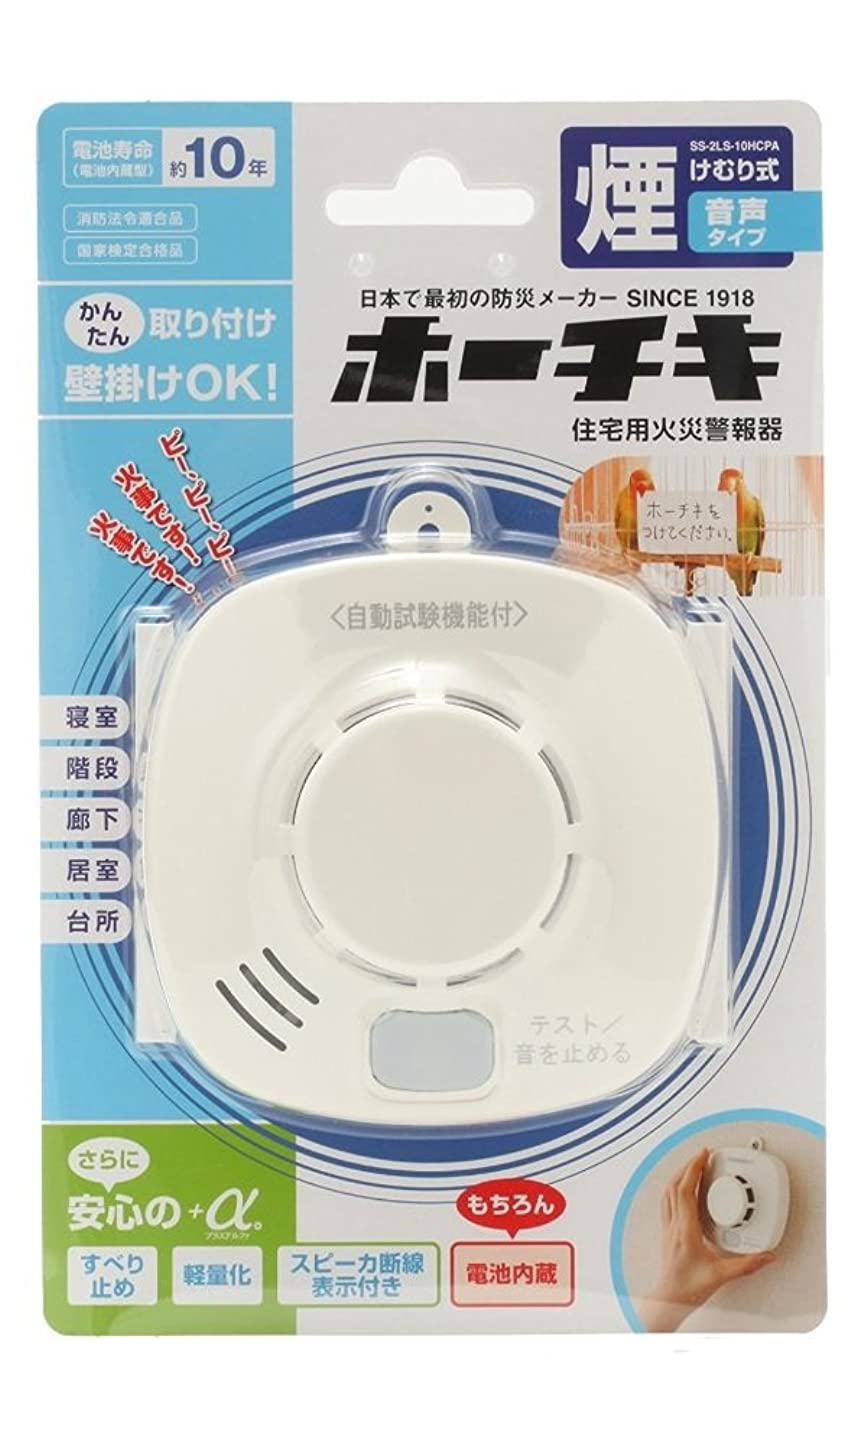 ずっと不規則なアジア人パナソニック(Panasonic) 住宅用火災警報器 けむり当番 薄型2種 お得な4個セット(電池式?移報接点付き)(警報音?音声警報機能付) SHK38453*4 クールホワイト